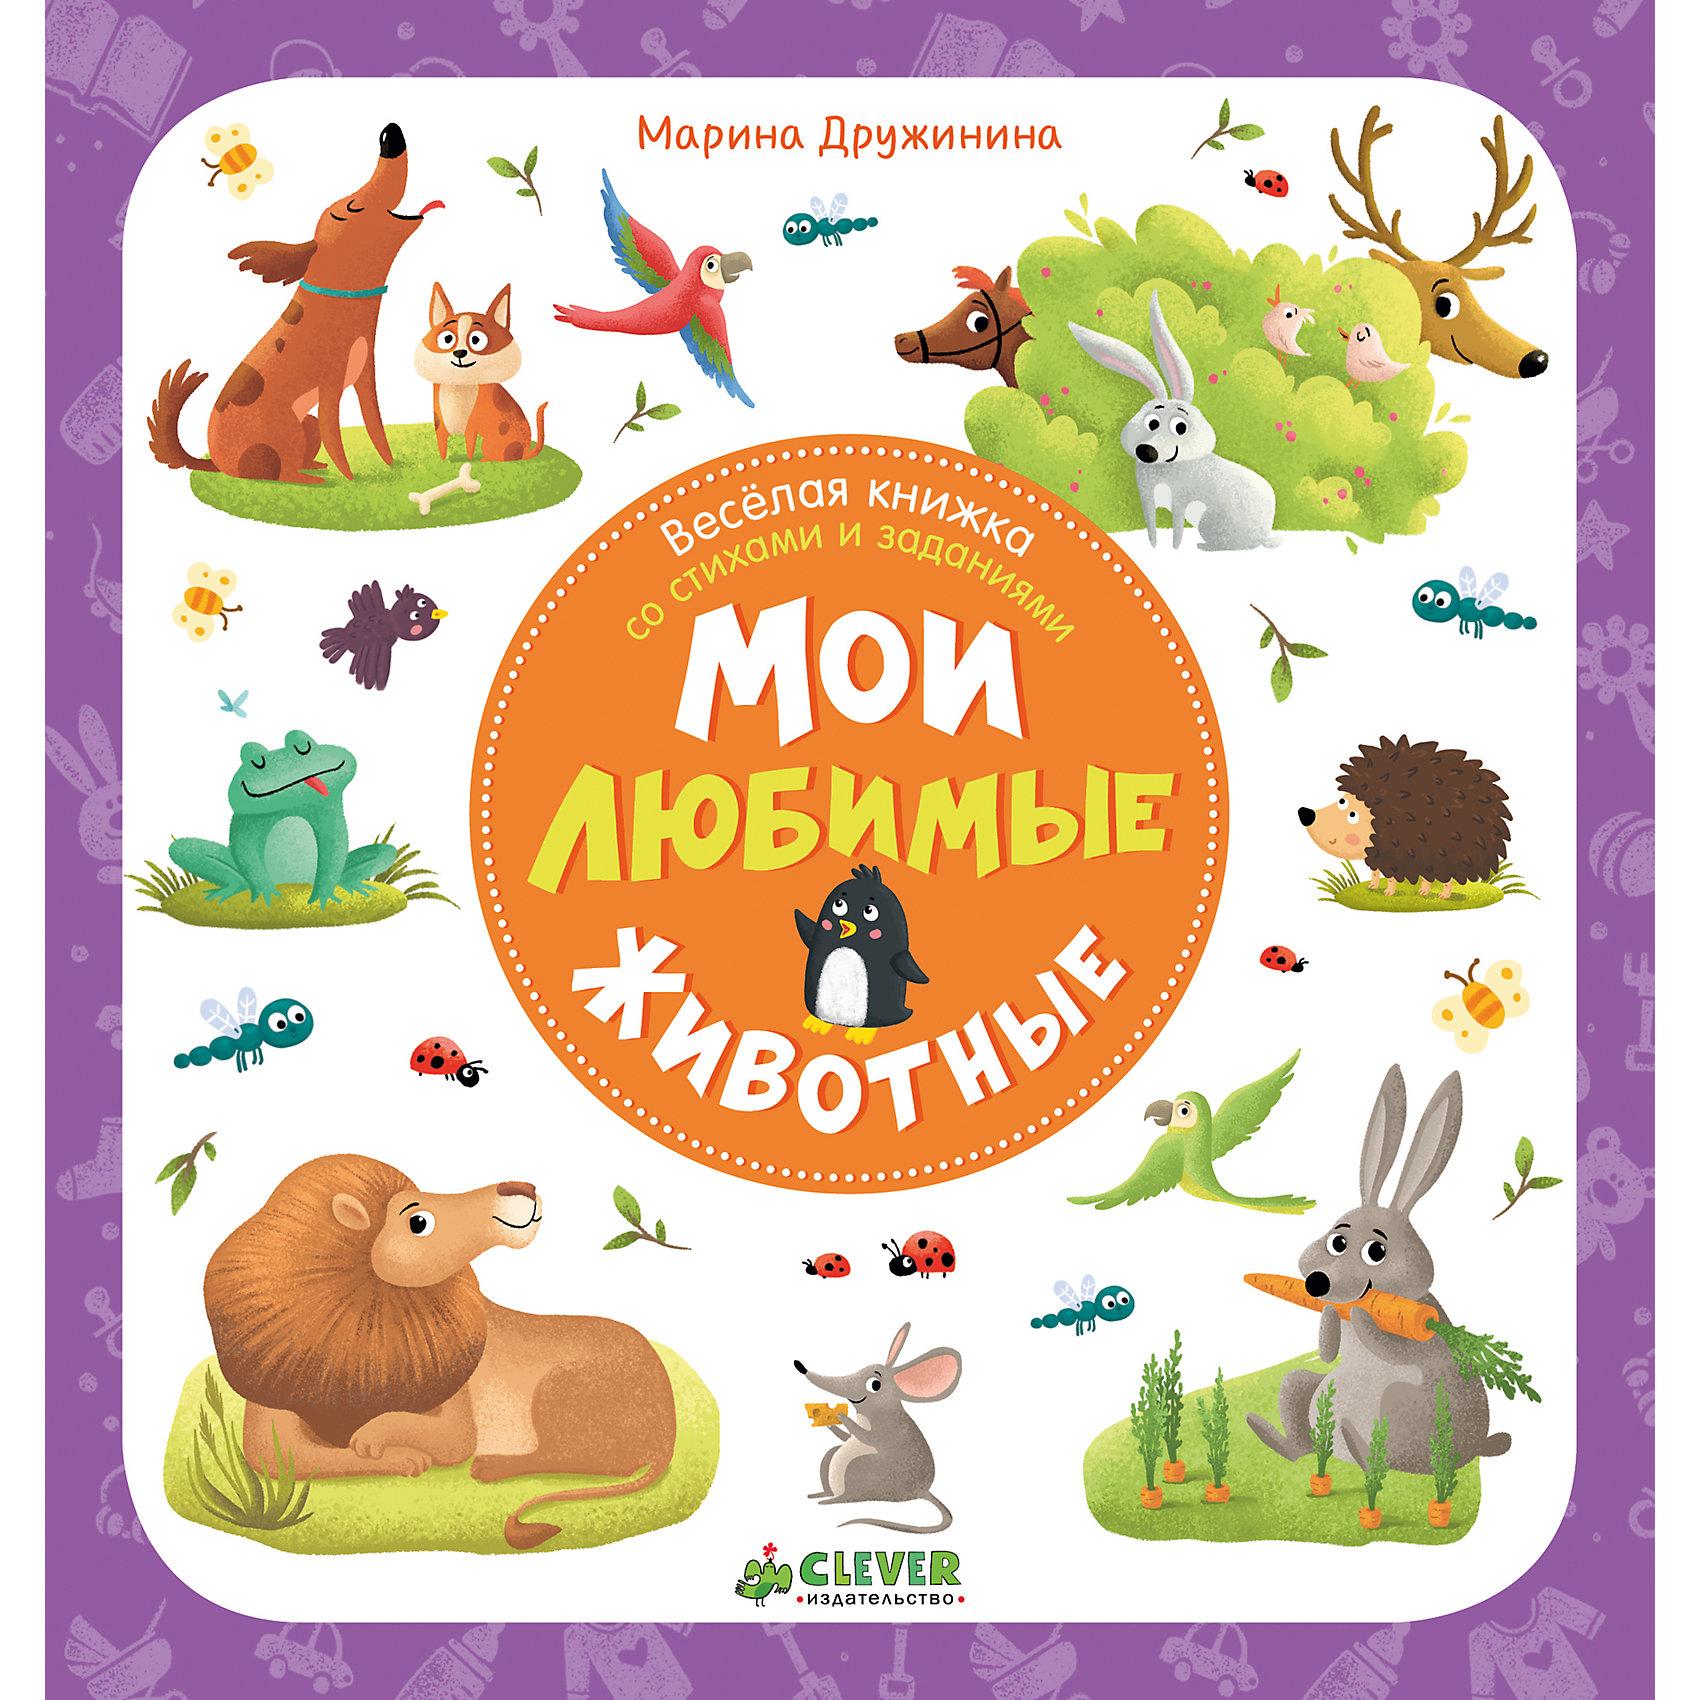 Книжка Мои любимые животные, CleverТворчество для малышей<br>Эти чудесные стихи с яркими иллюстрациями познакомят самых маленьких читателей с животными. - Удобный формат. - Плотные страницы. - Веселые задания. Скорее открывайте эту книгу. Листайте, придумывайте, веселитесь и учитесь вместе с вашим малышом!<br><br>Ширина мм: 180<br>Глубина мм: 170<br>Высота мм: 80<br>Вес г: 186<br>Возраст от месяцев: 12<br>Возраст до месяцев: 36<br>Пол: Унисекс<br>Возраст: Детский<br>SKU: 5536293